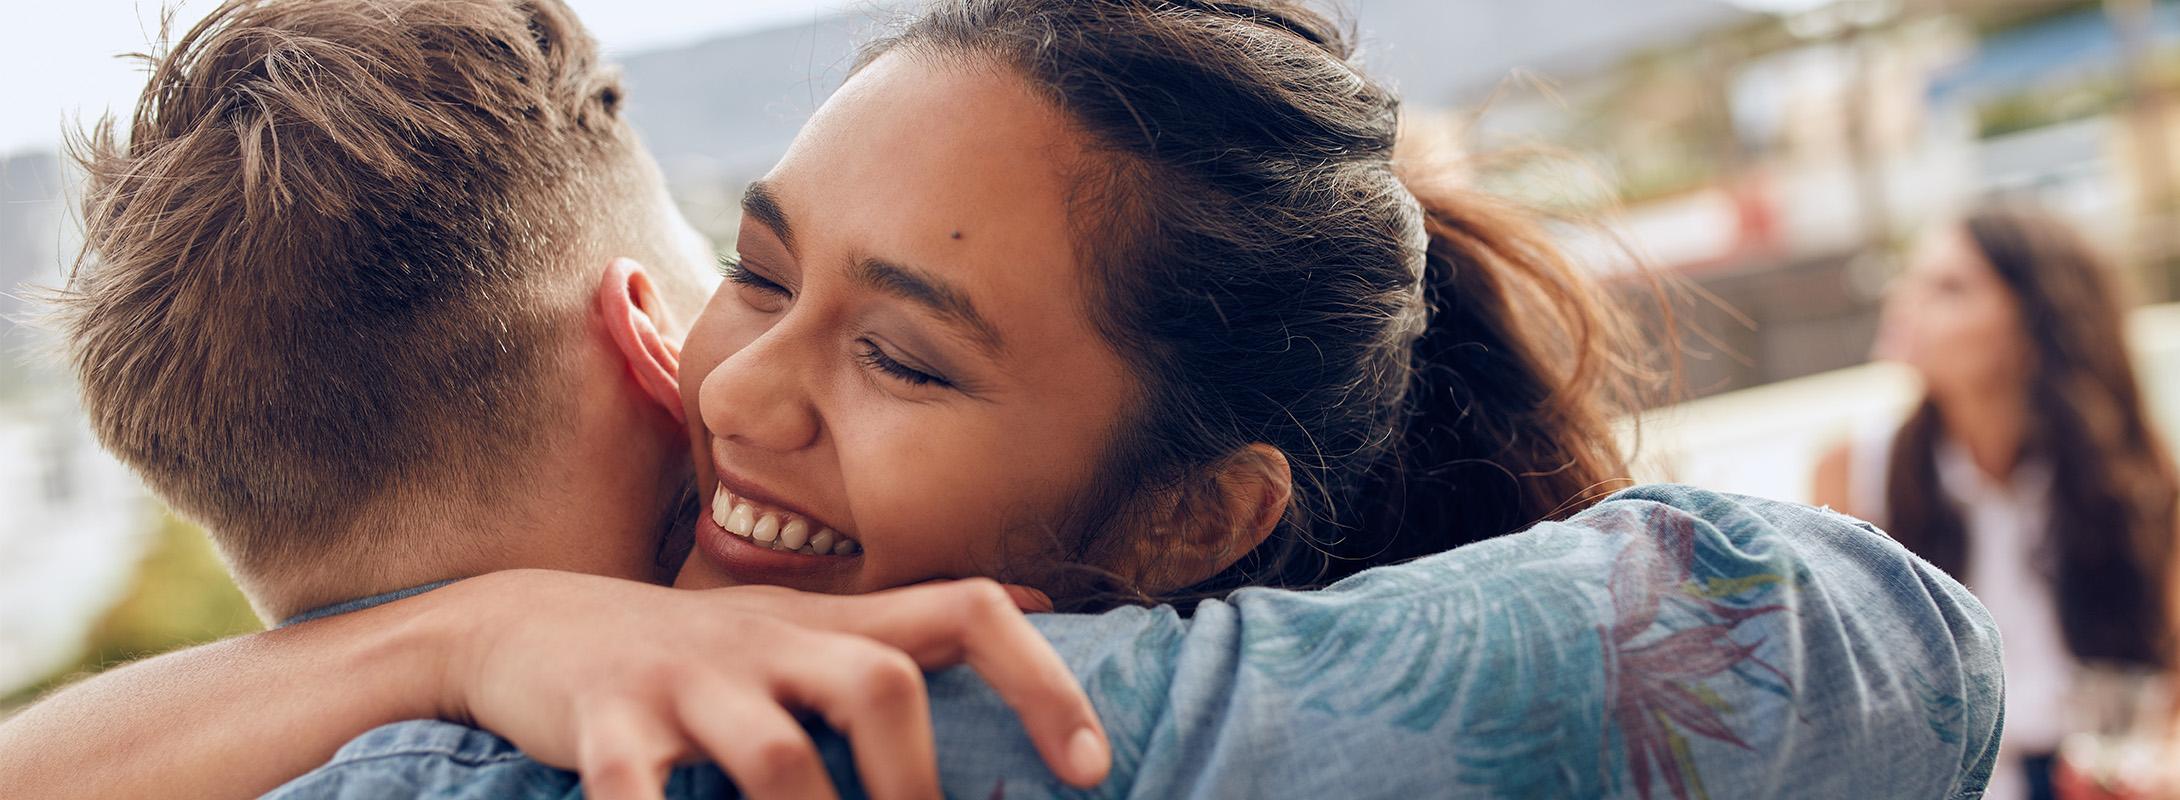 Dejtingrd fr kvinnor | 20 saker han nskar att du visste | Match